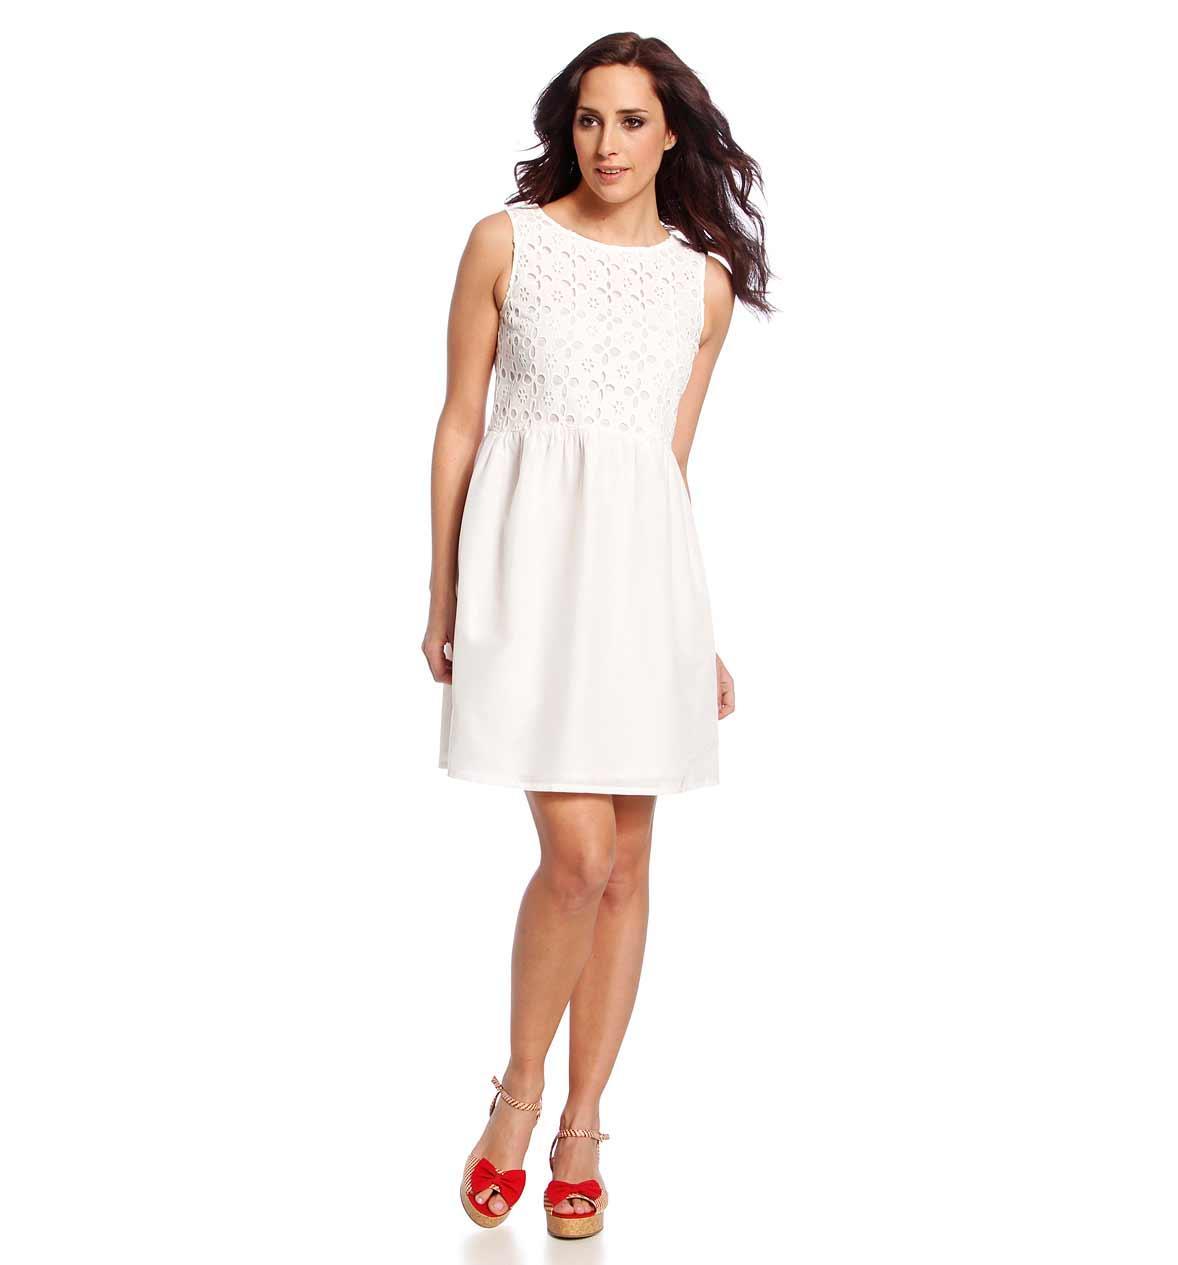 urocza sukienka C&A w kolorze białym - wiosna i lato 2013